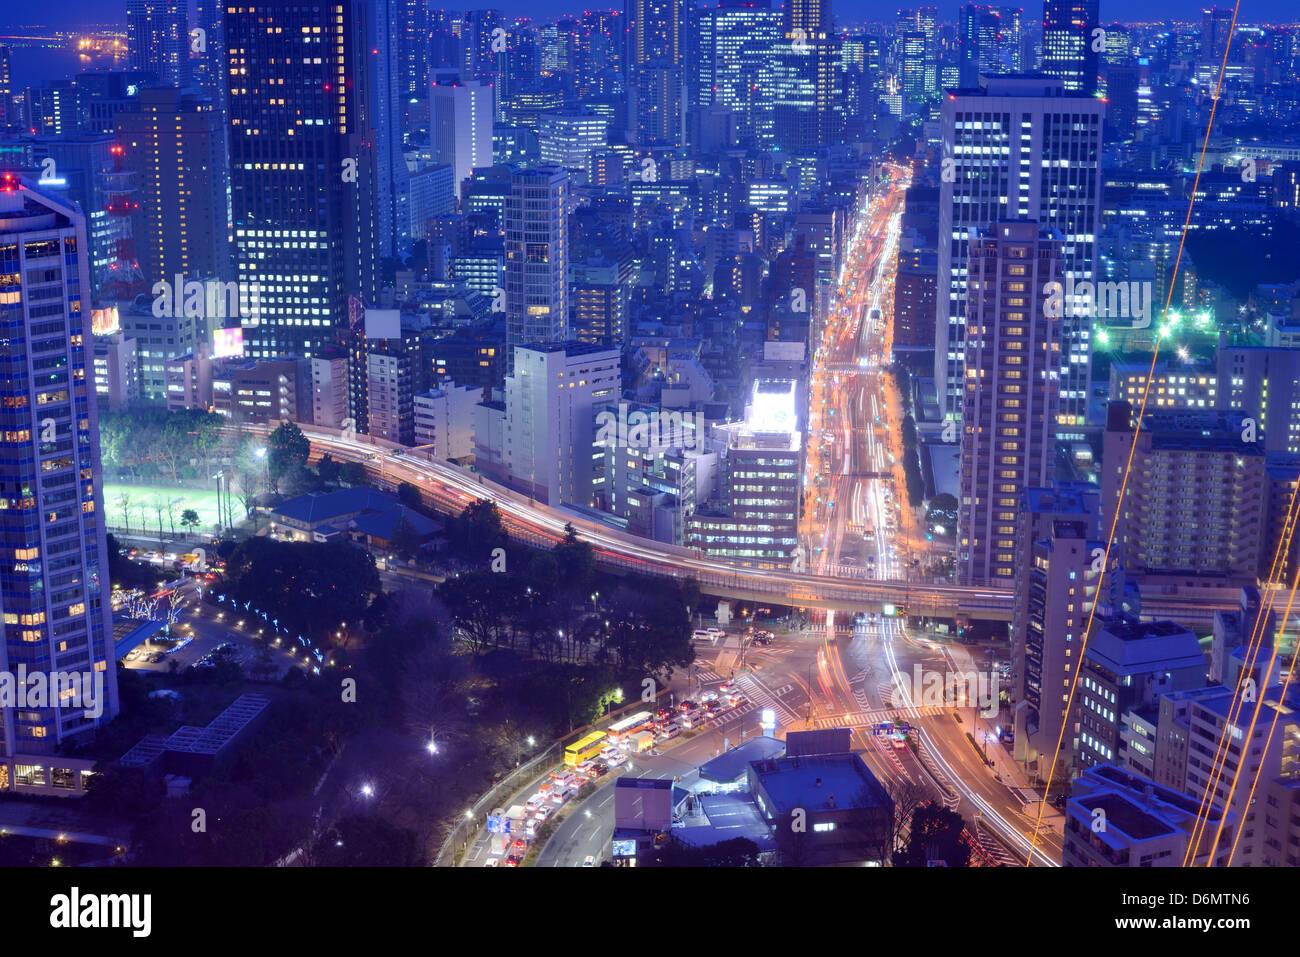 Autostrade e strade di Tokyo, Giappone Immagini Stock